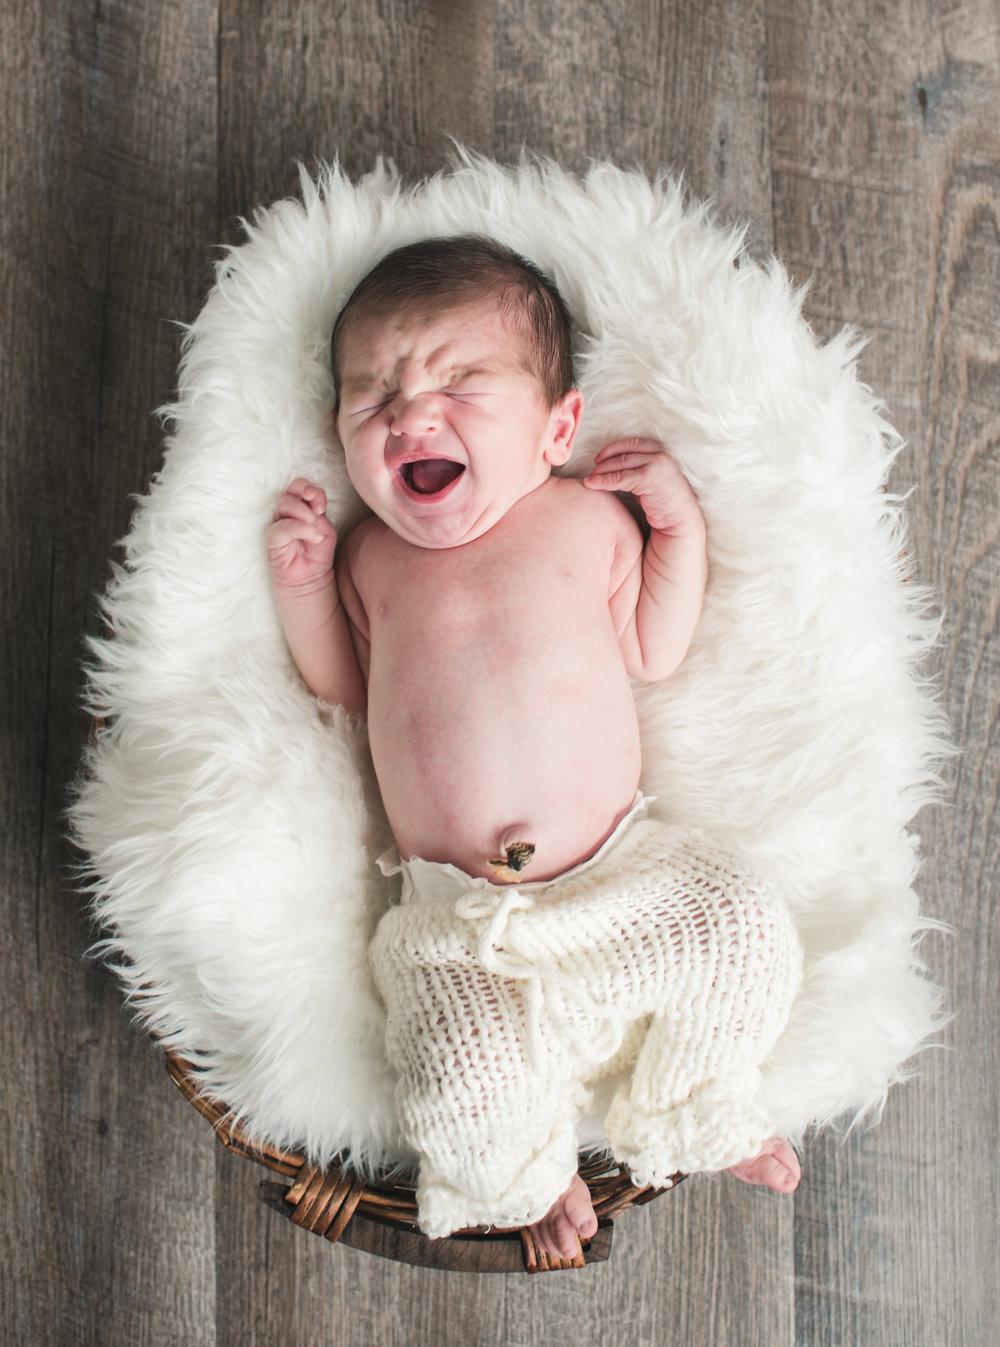 June-750_1447 BabyCharlie SarahHeadshot.jpg